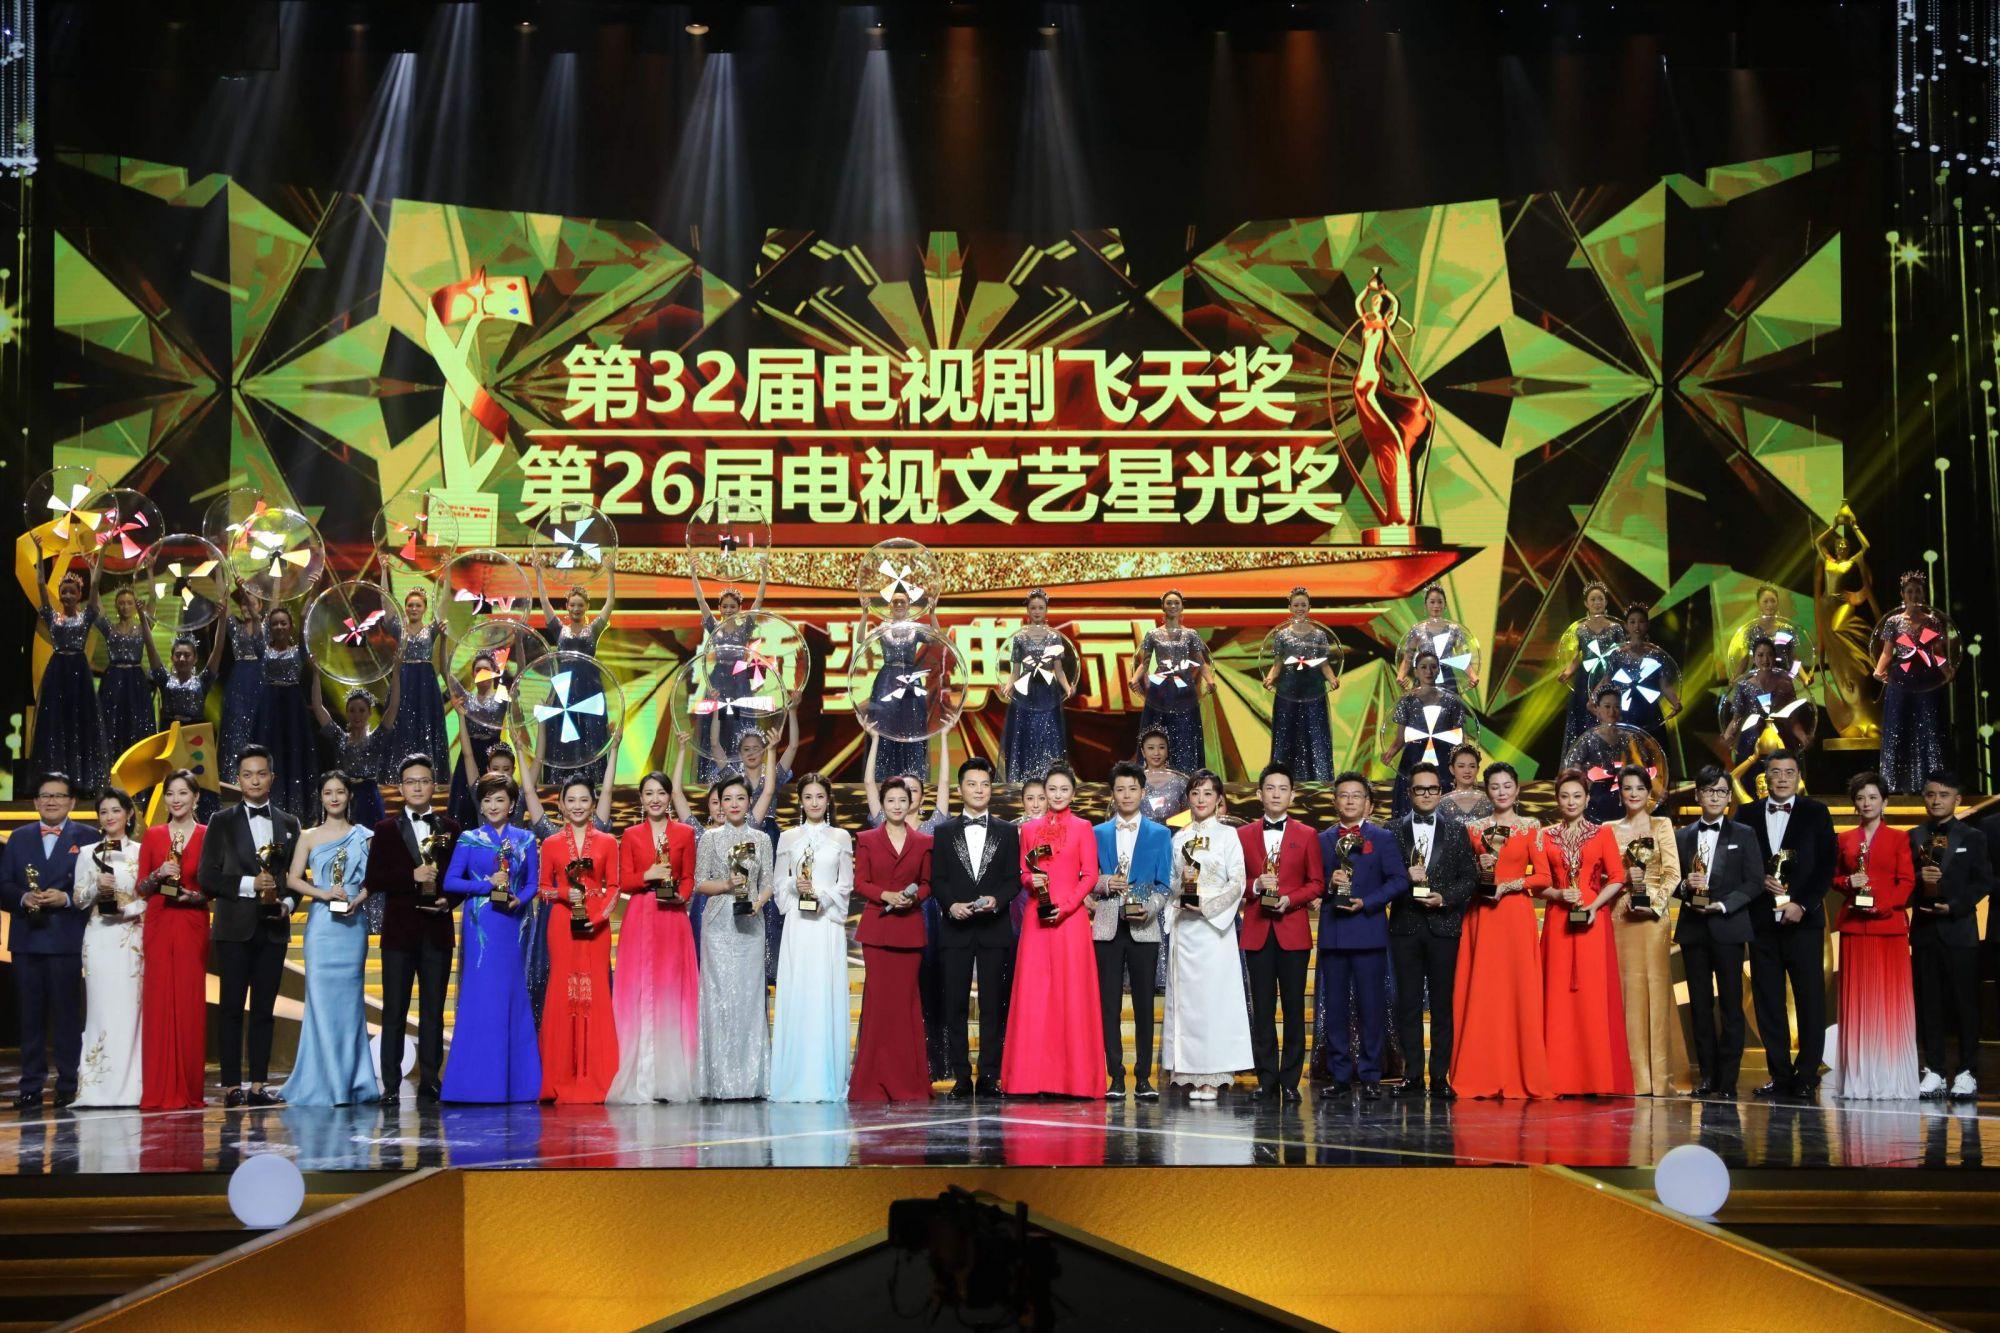 """第32届电视剧""""飞天奖""""揭晓 何冰秦海璐分获优秀男女演员奖"""